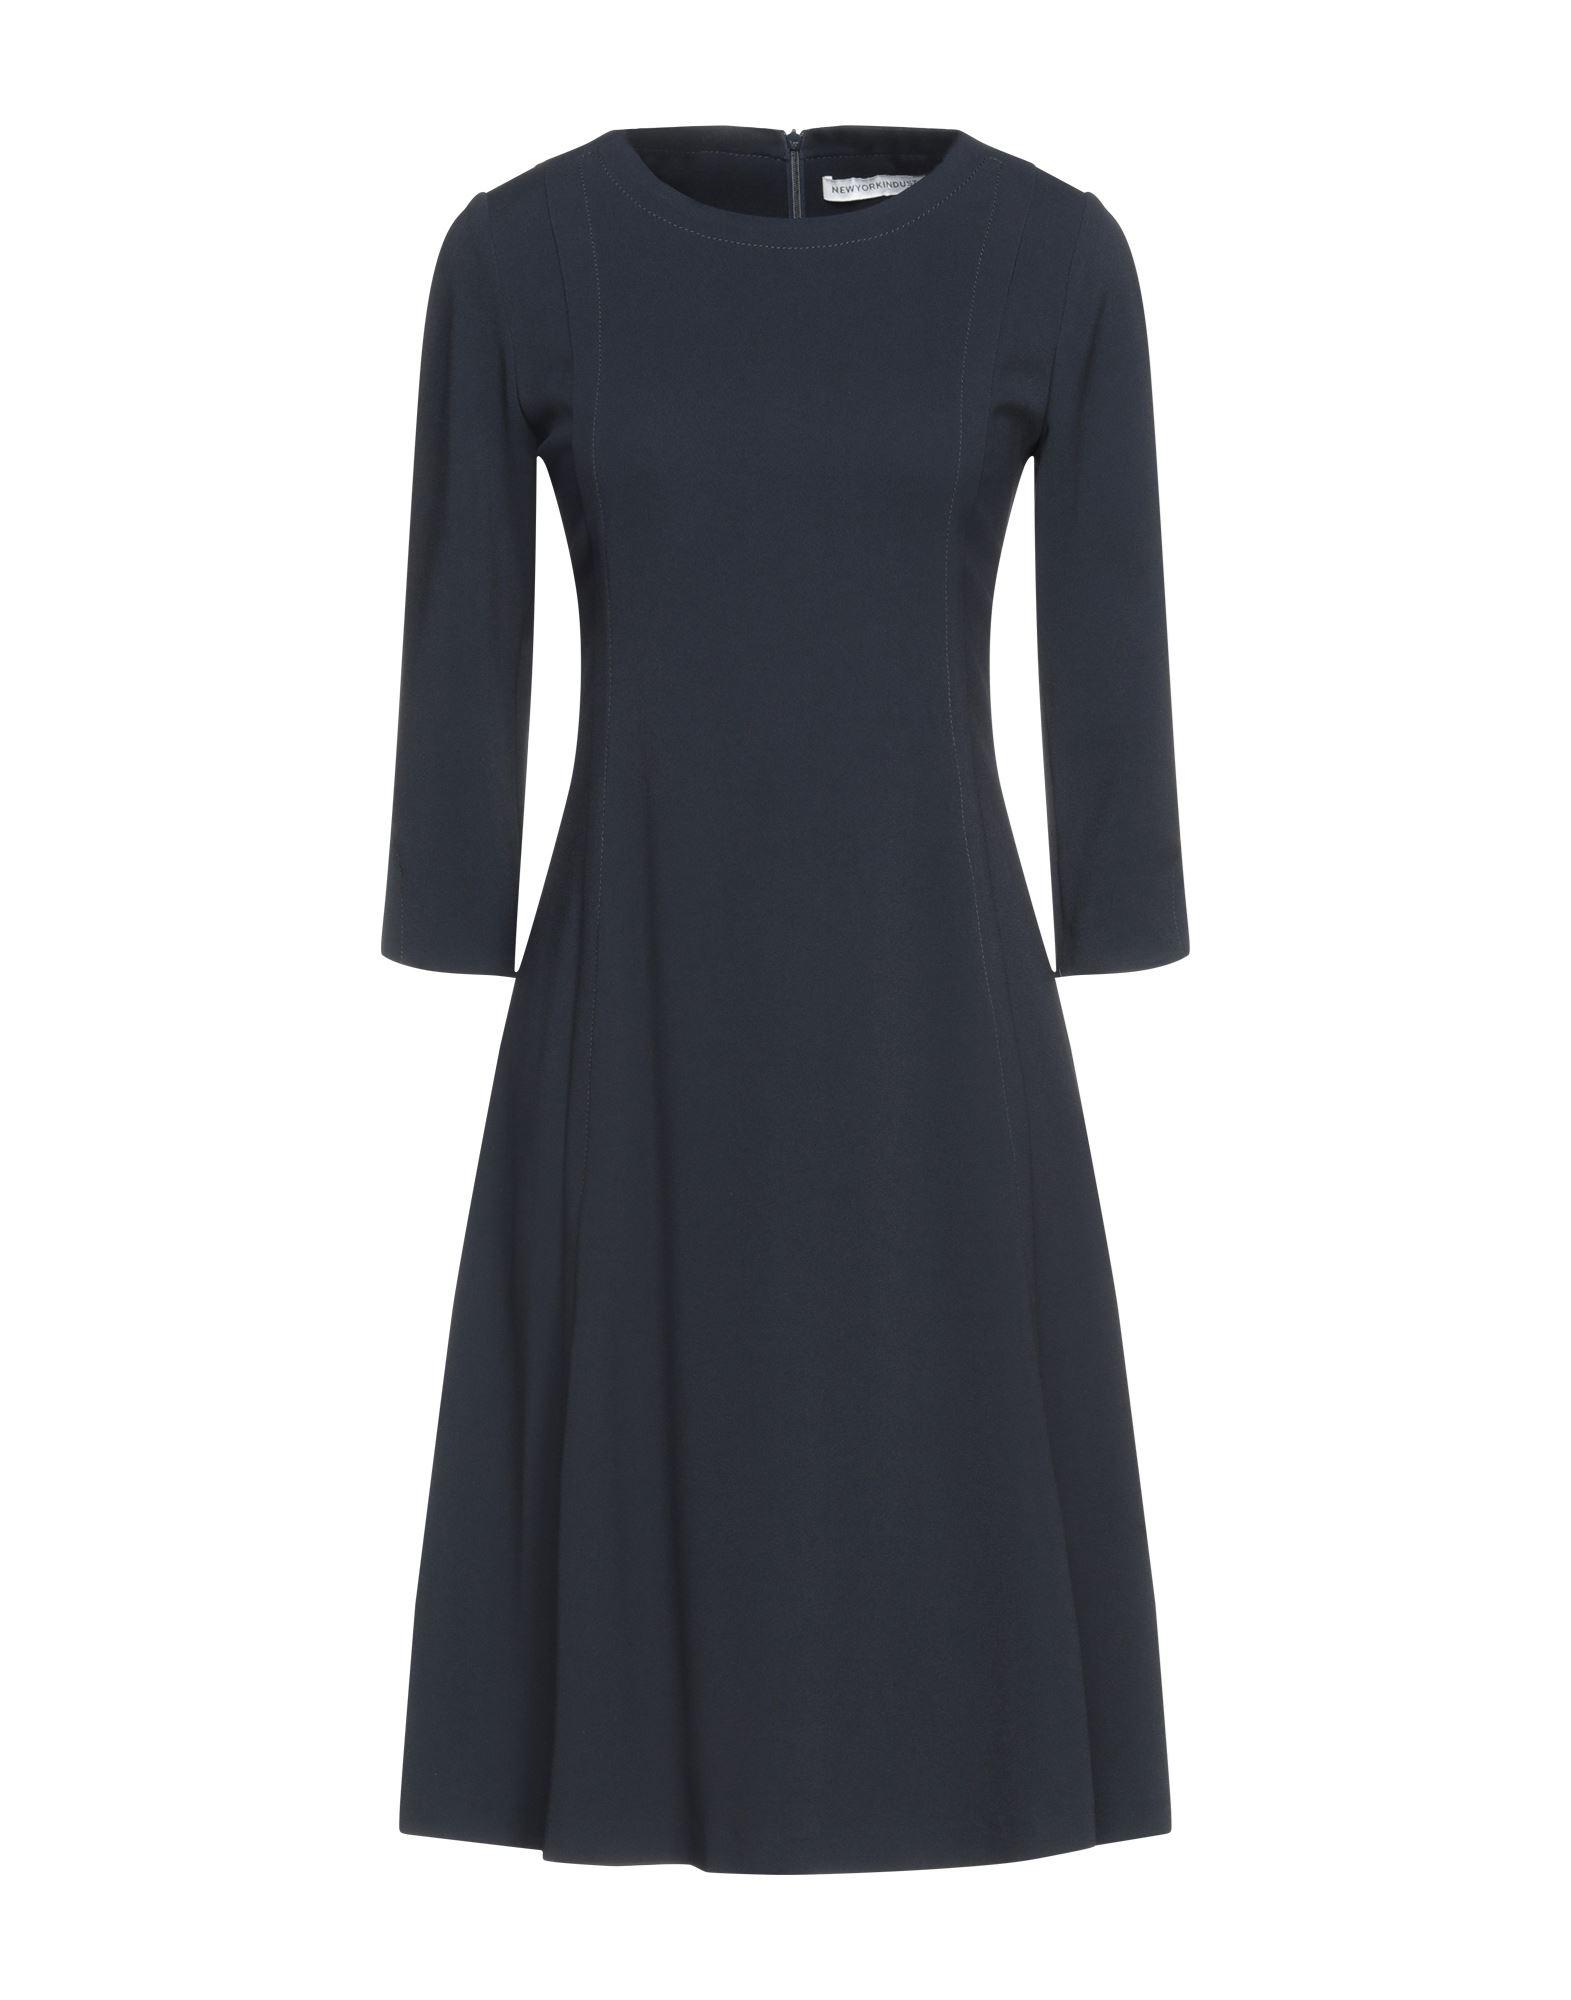 NEW YORK INDUSTRIE Knee-length dresses - Item 15123442